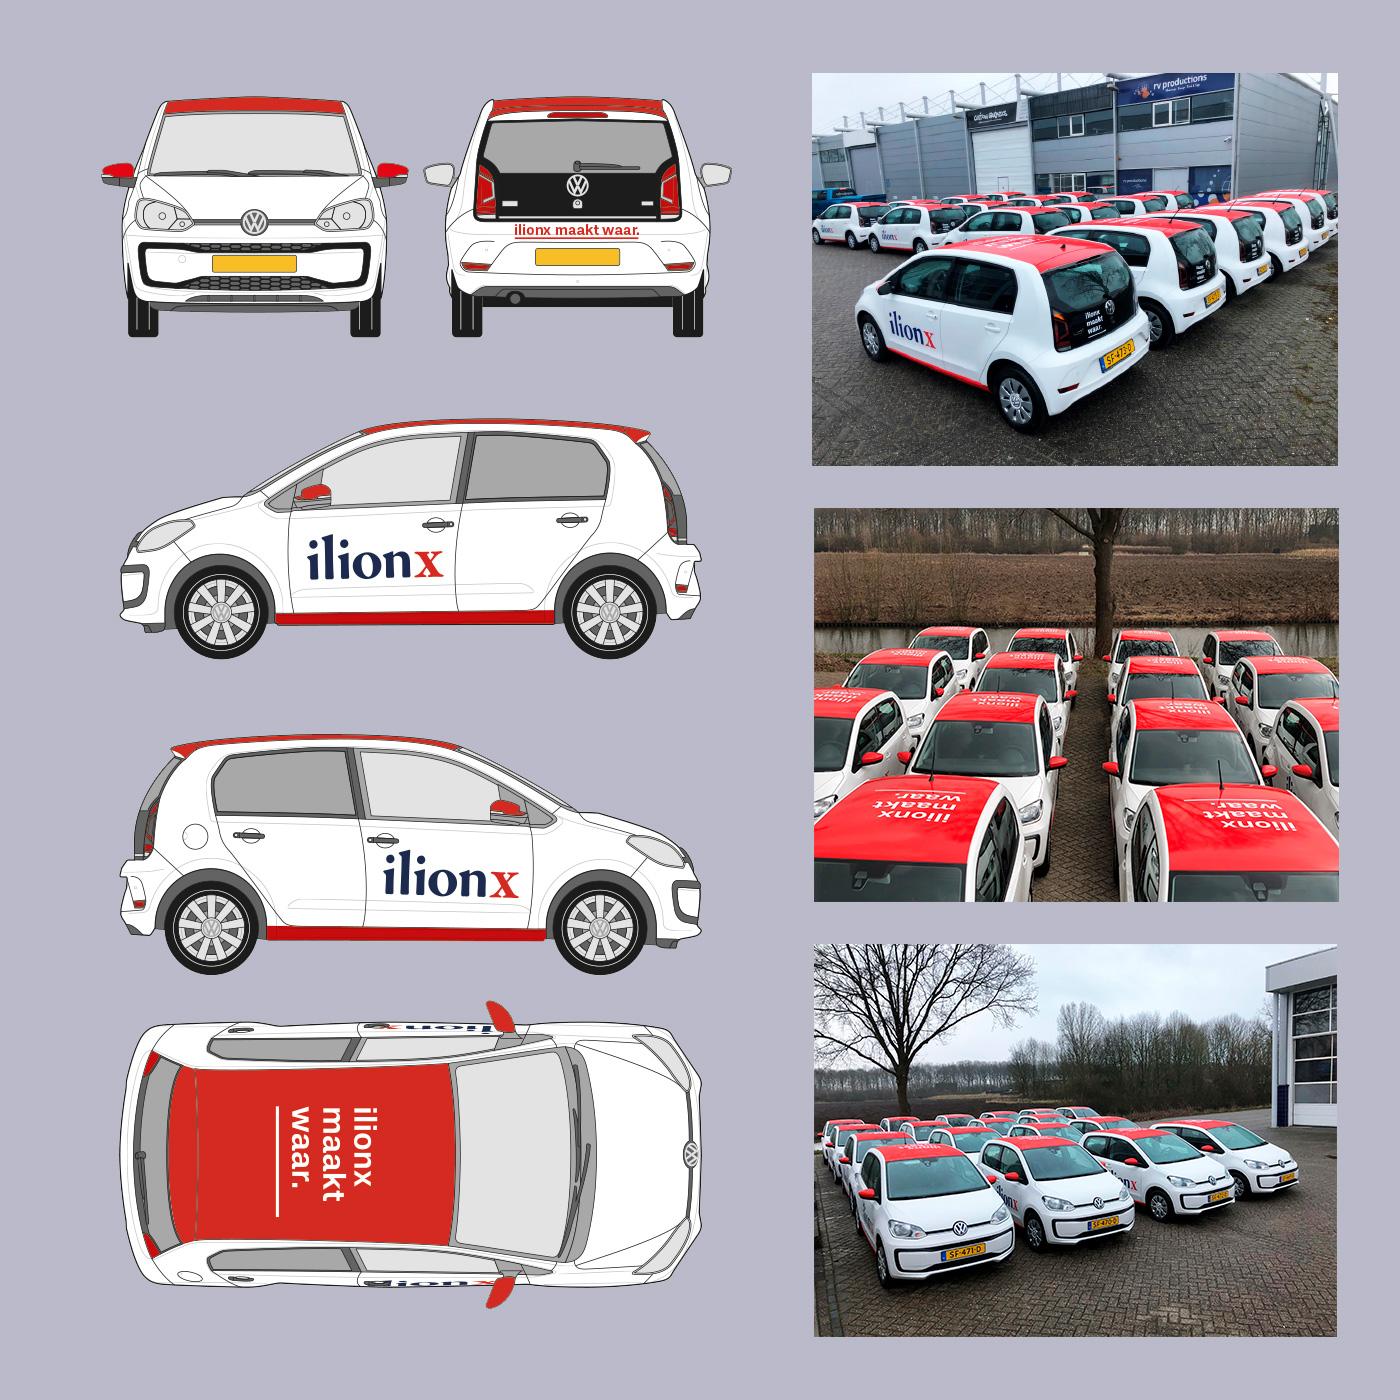 Uiteindelijke autobelettering voor de nieuwe wagenvloot van ilionx.